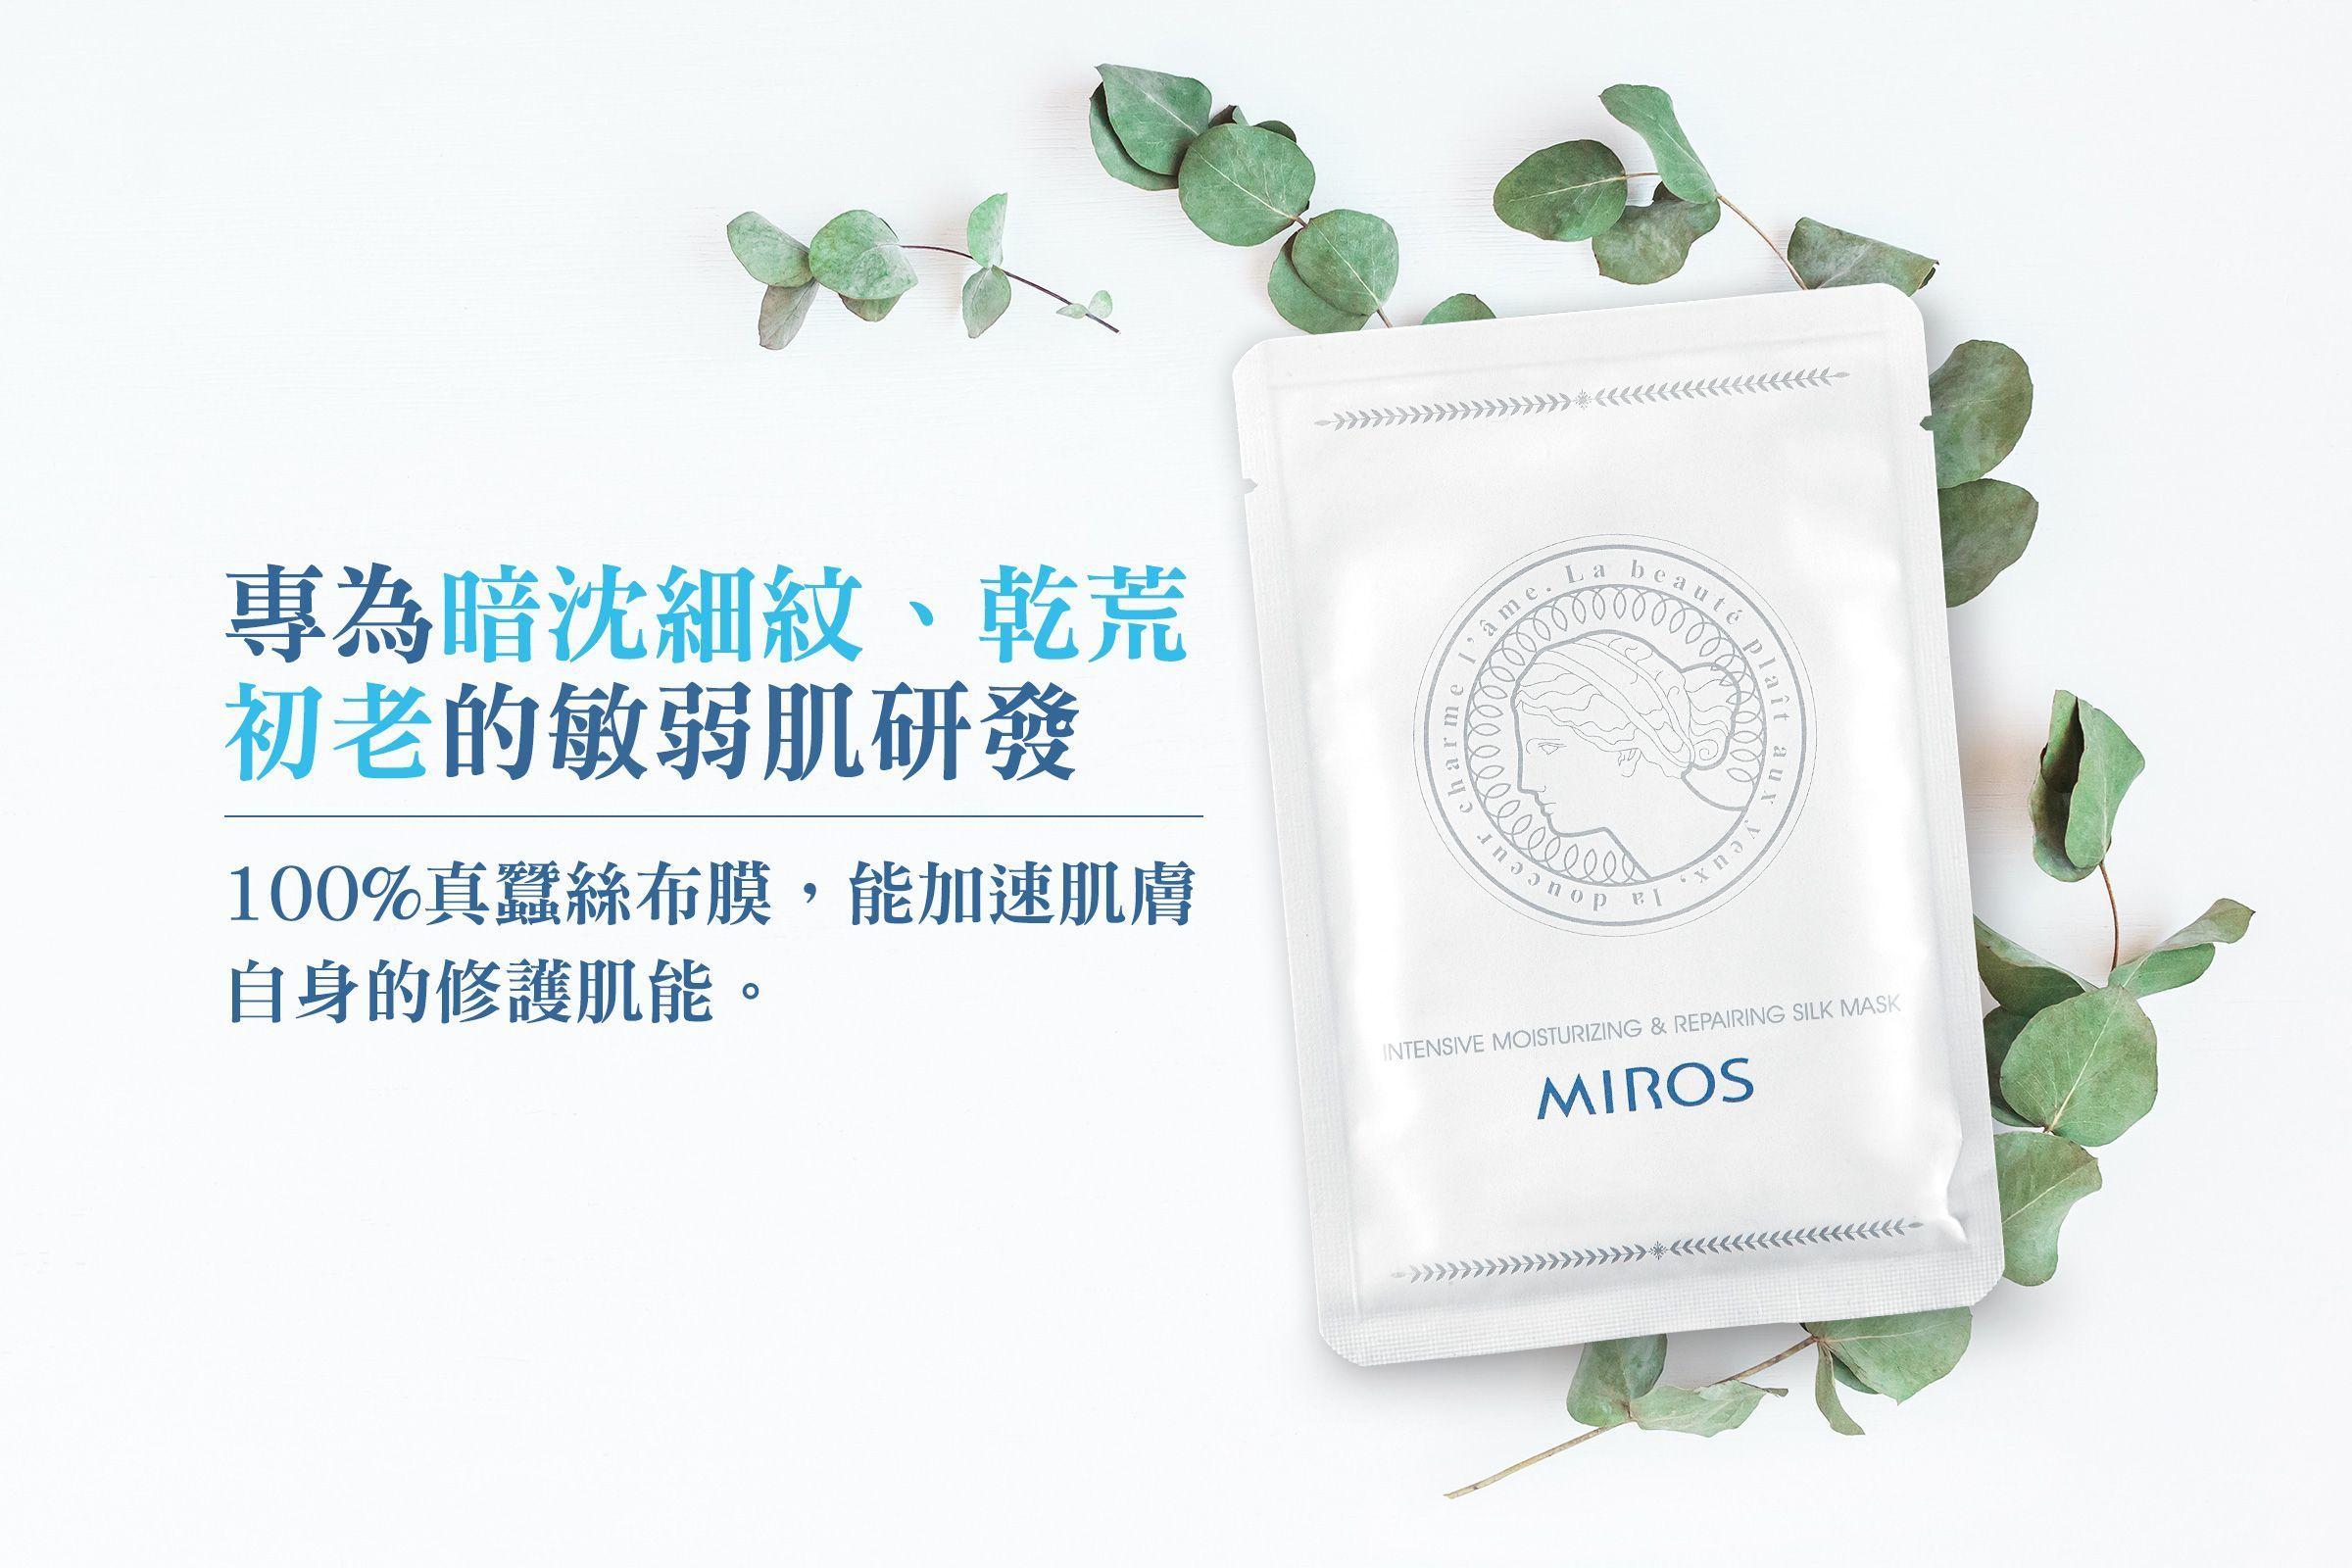 ❮即期品❯高保濕婙白修護蠶絲面膜(30片環保箱裝|2021.02.05到期)